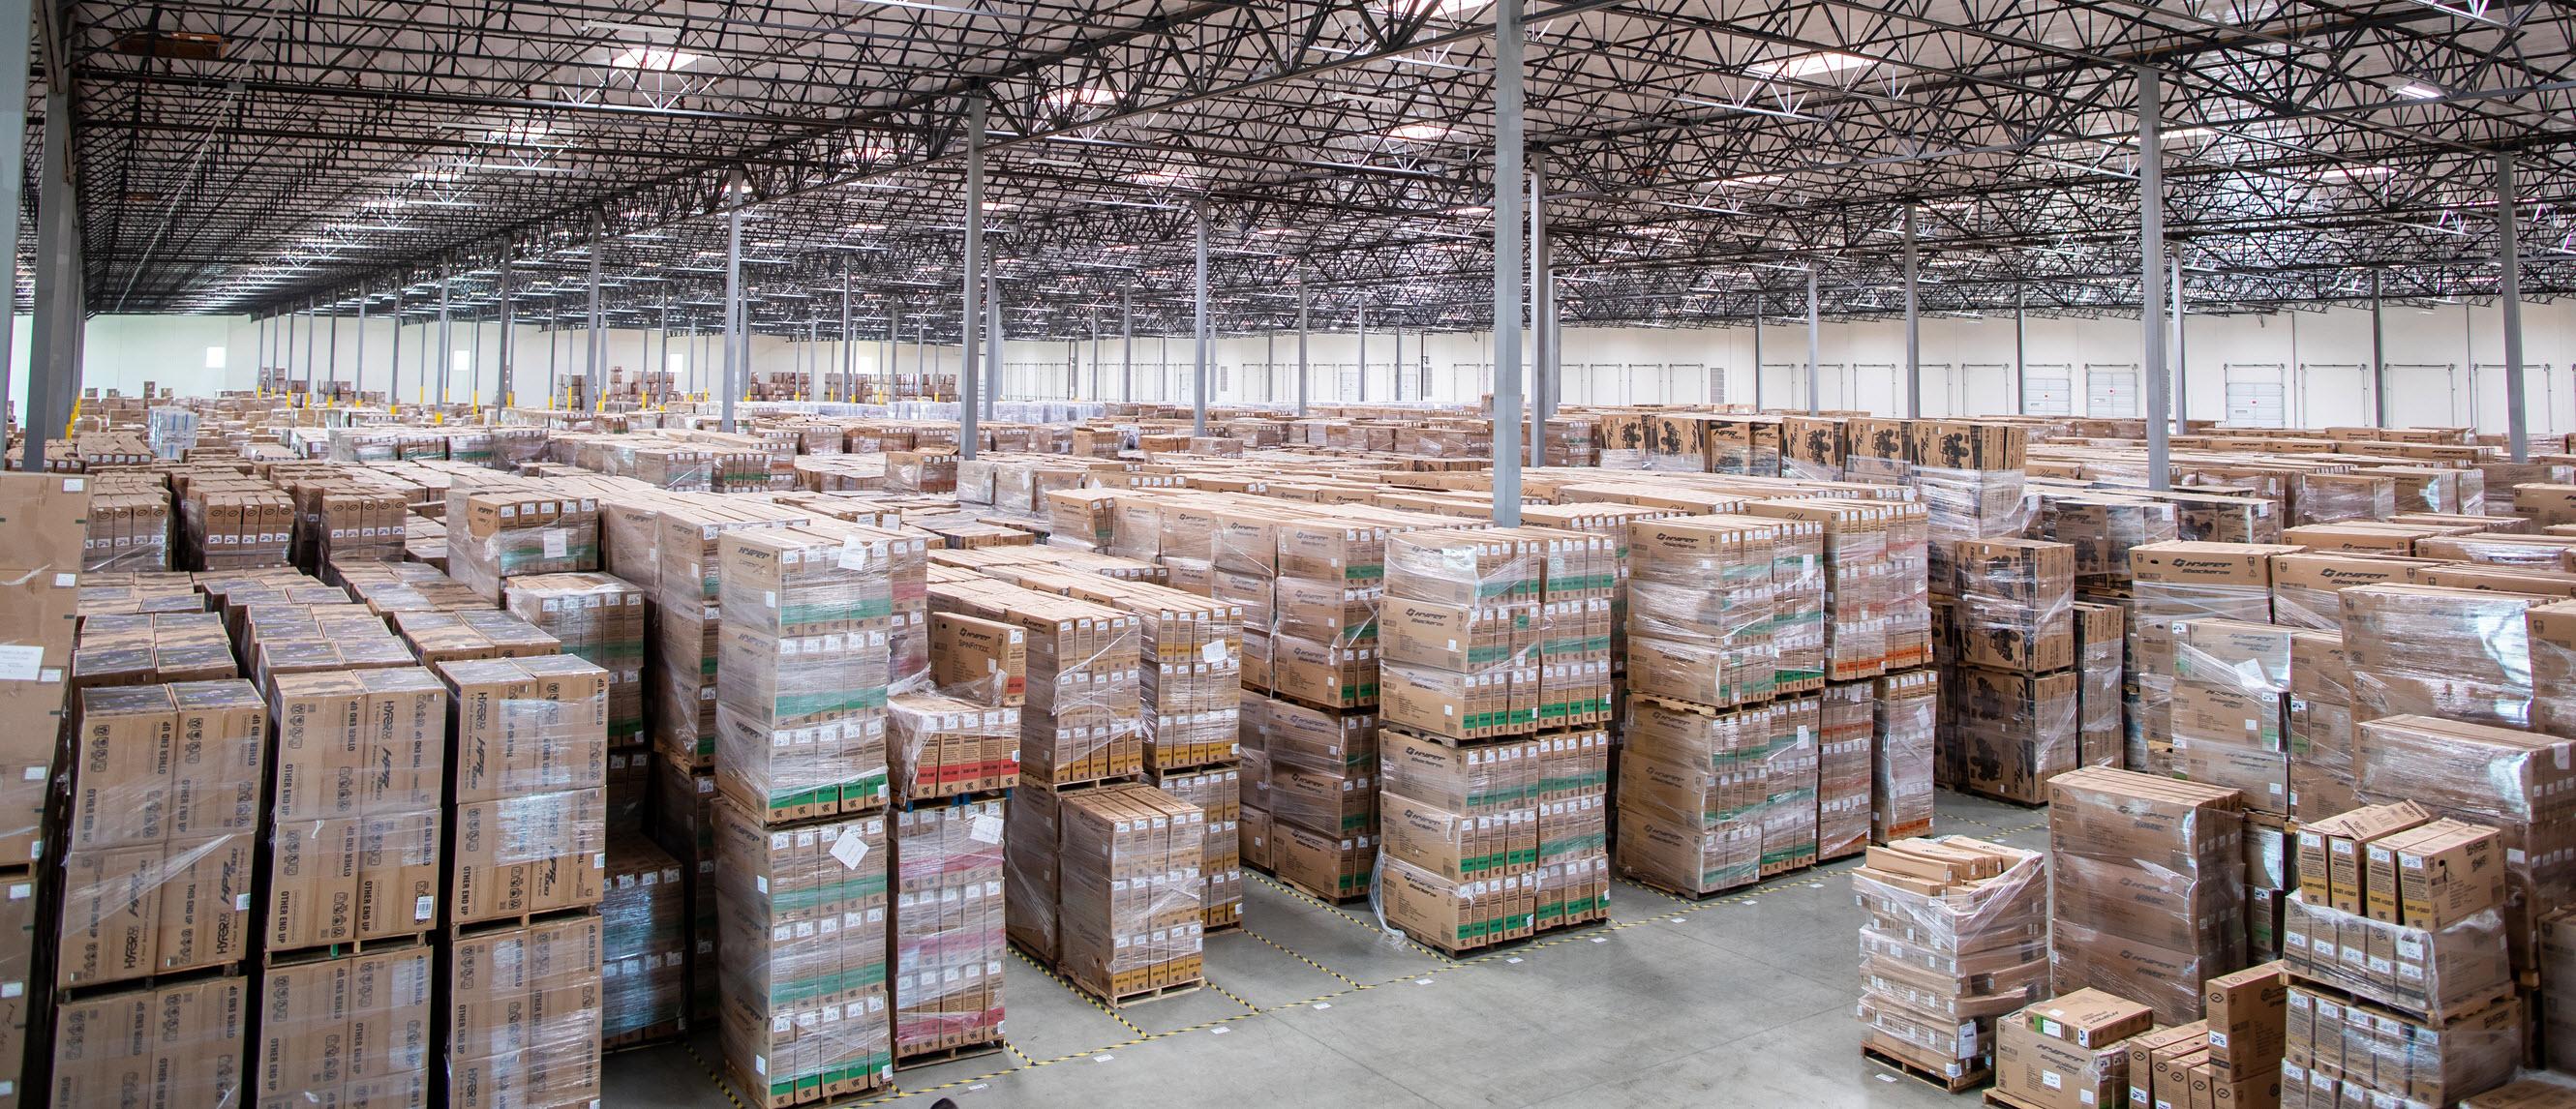 Warehouse-4-resize.jpg